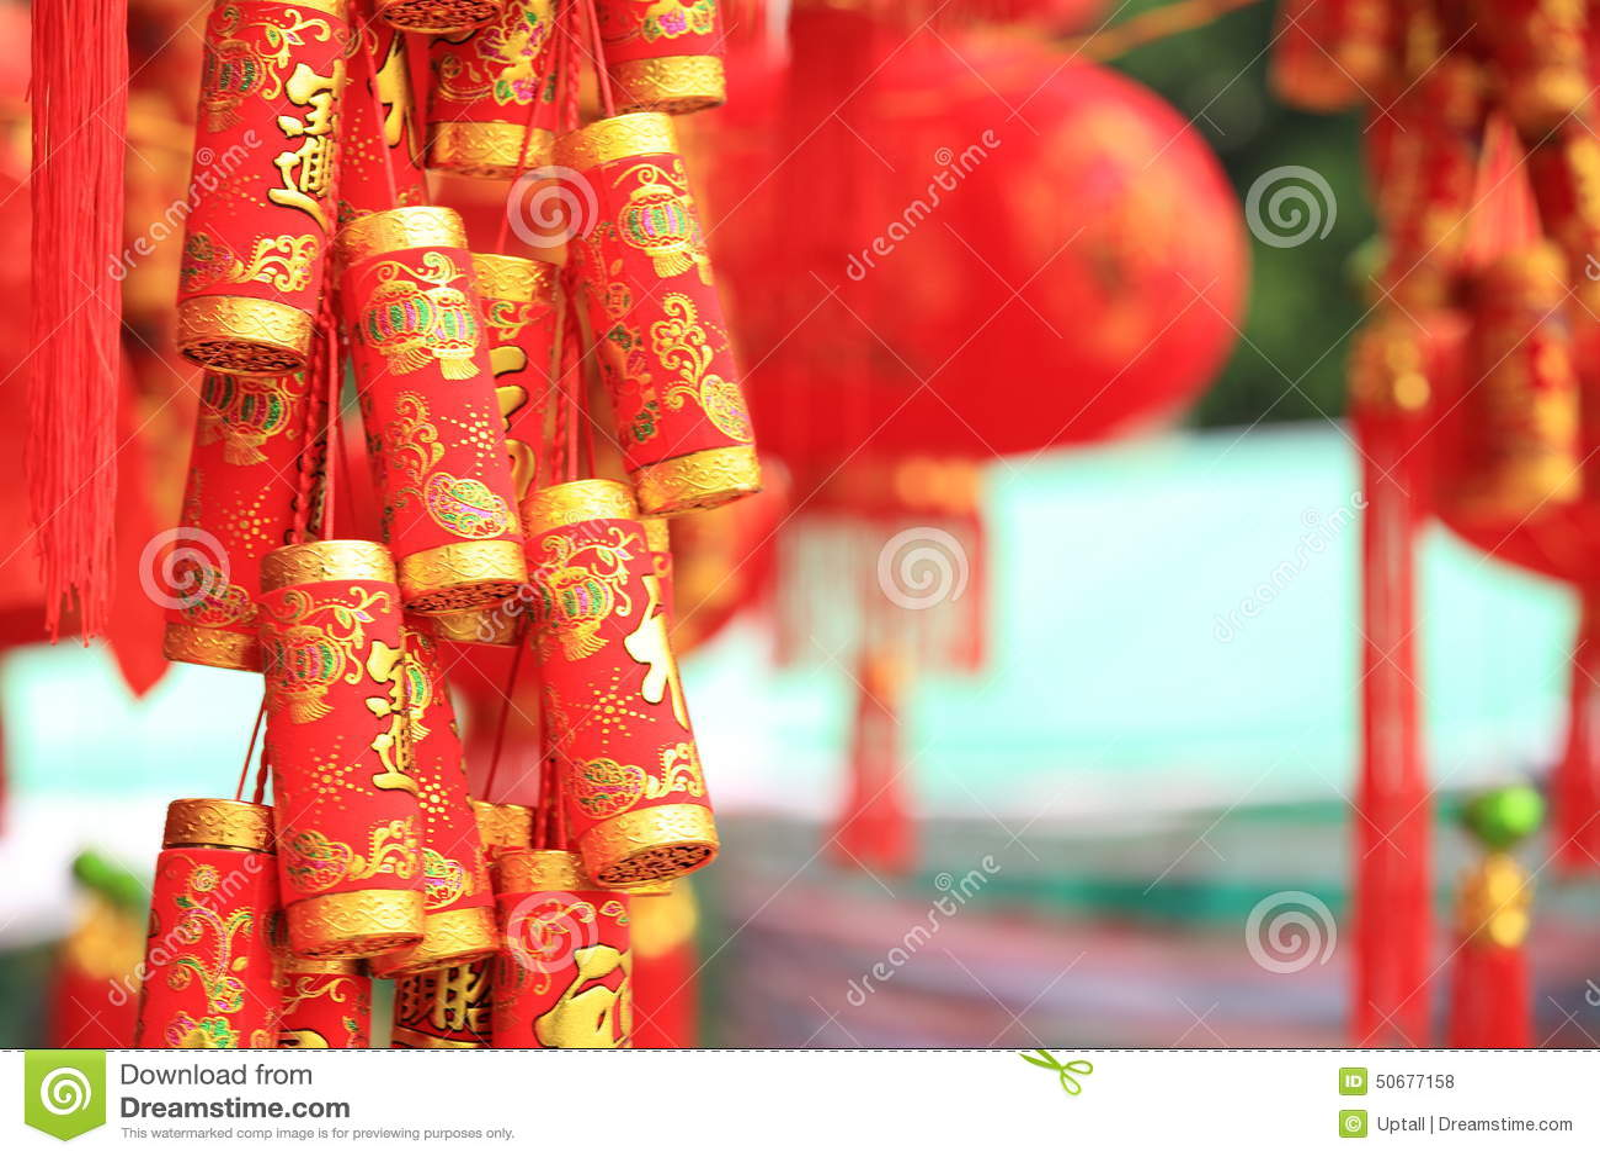 Download 朱红色的灯笼和假爆竹 库存照片. 图片 包括有 愉快, 愿望, 时运, 人兽交, 打结, 生动, 金黄, 聚会所 - 50677158